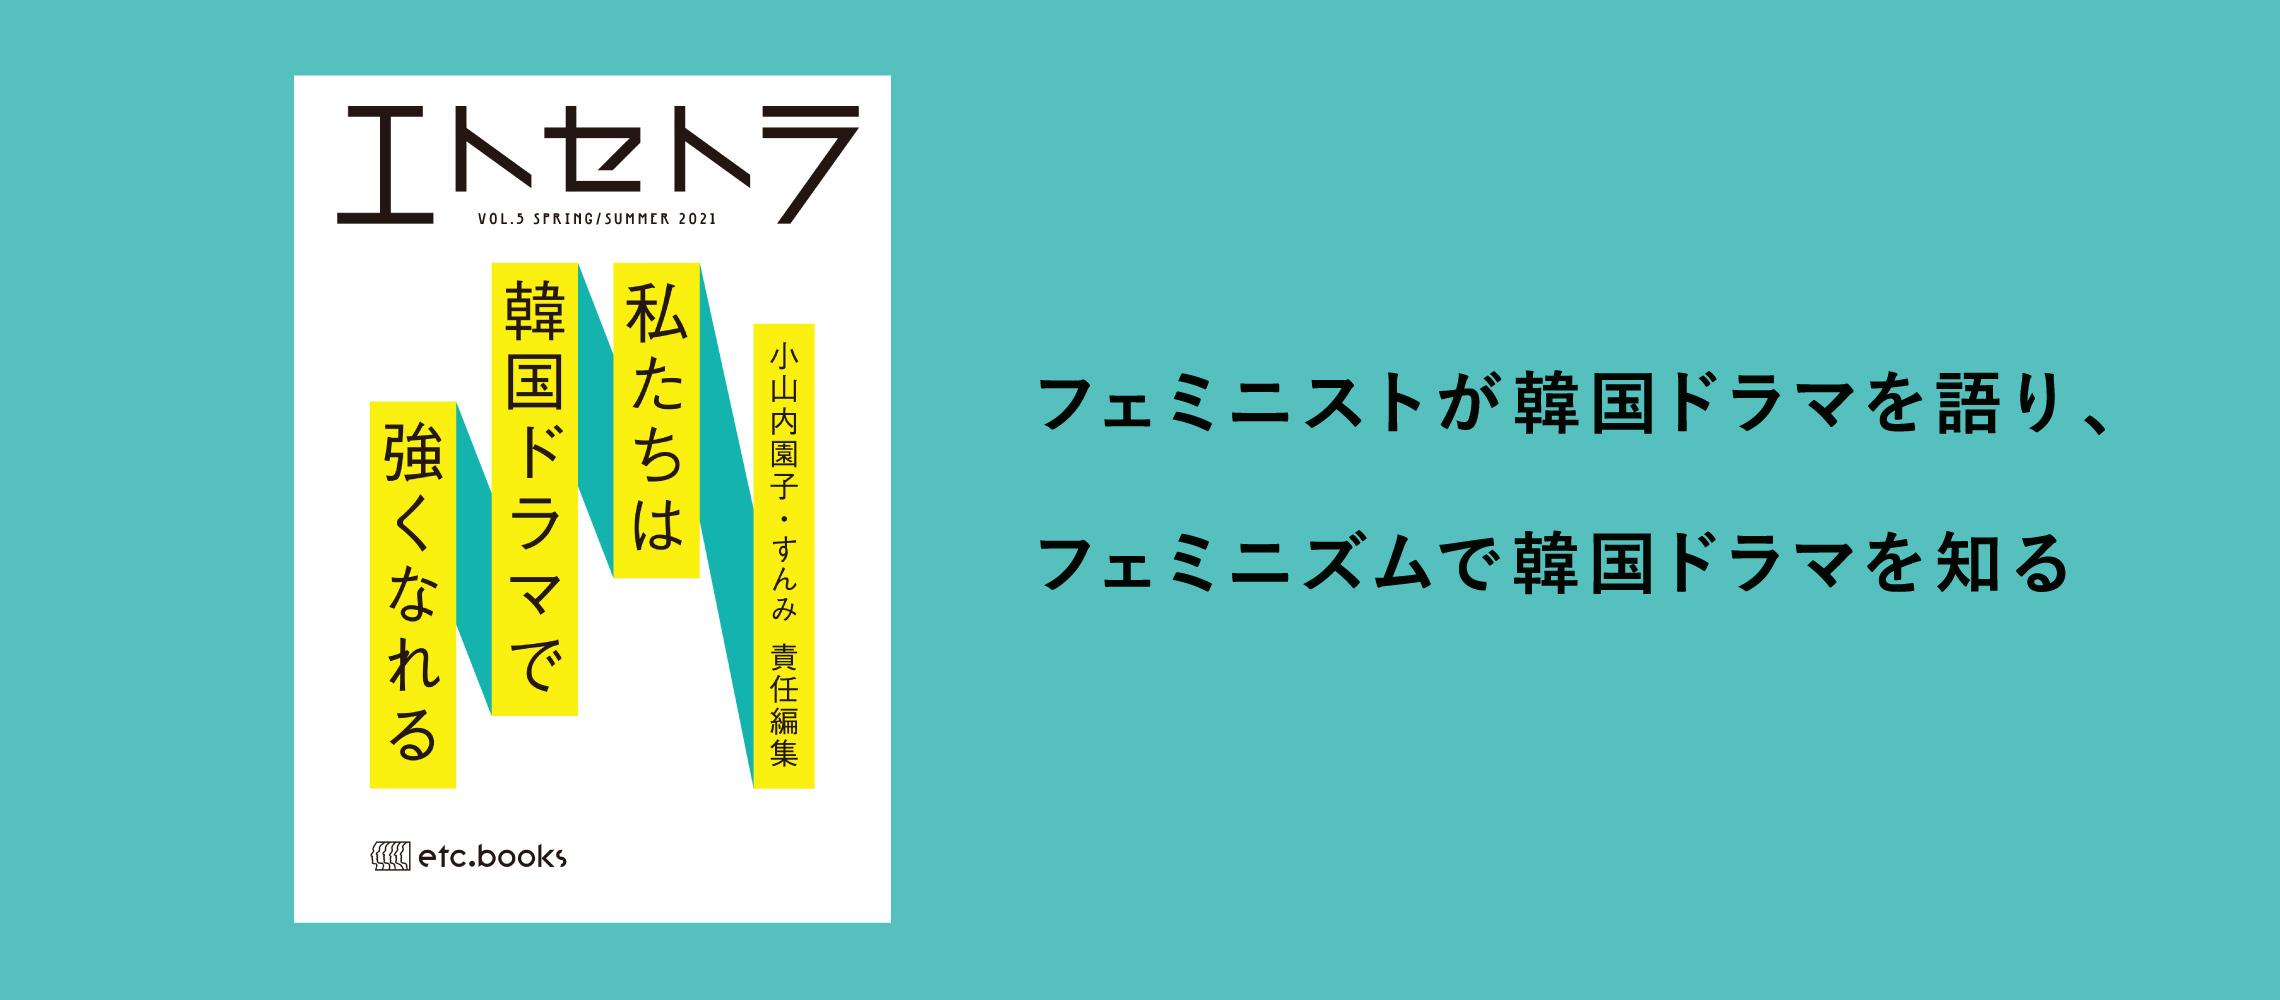 エトセトラ Vol5